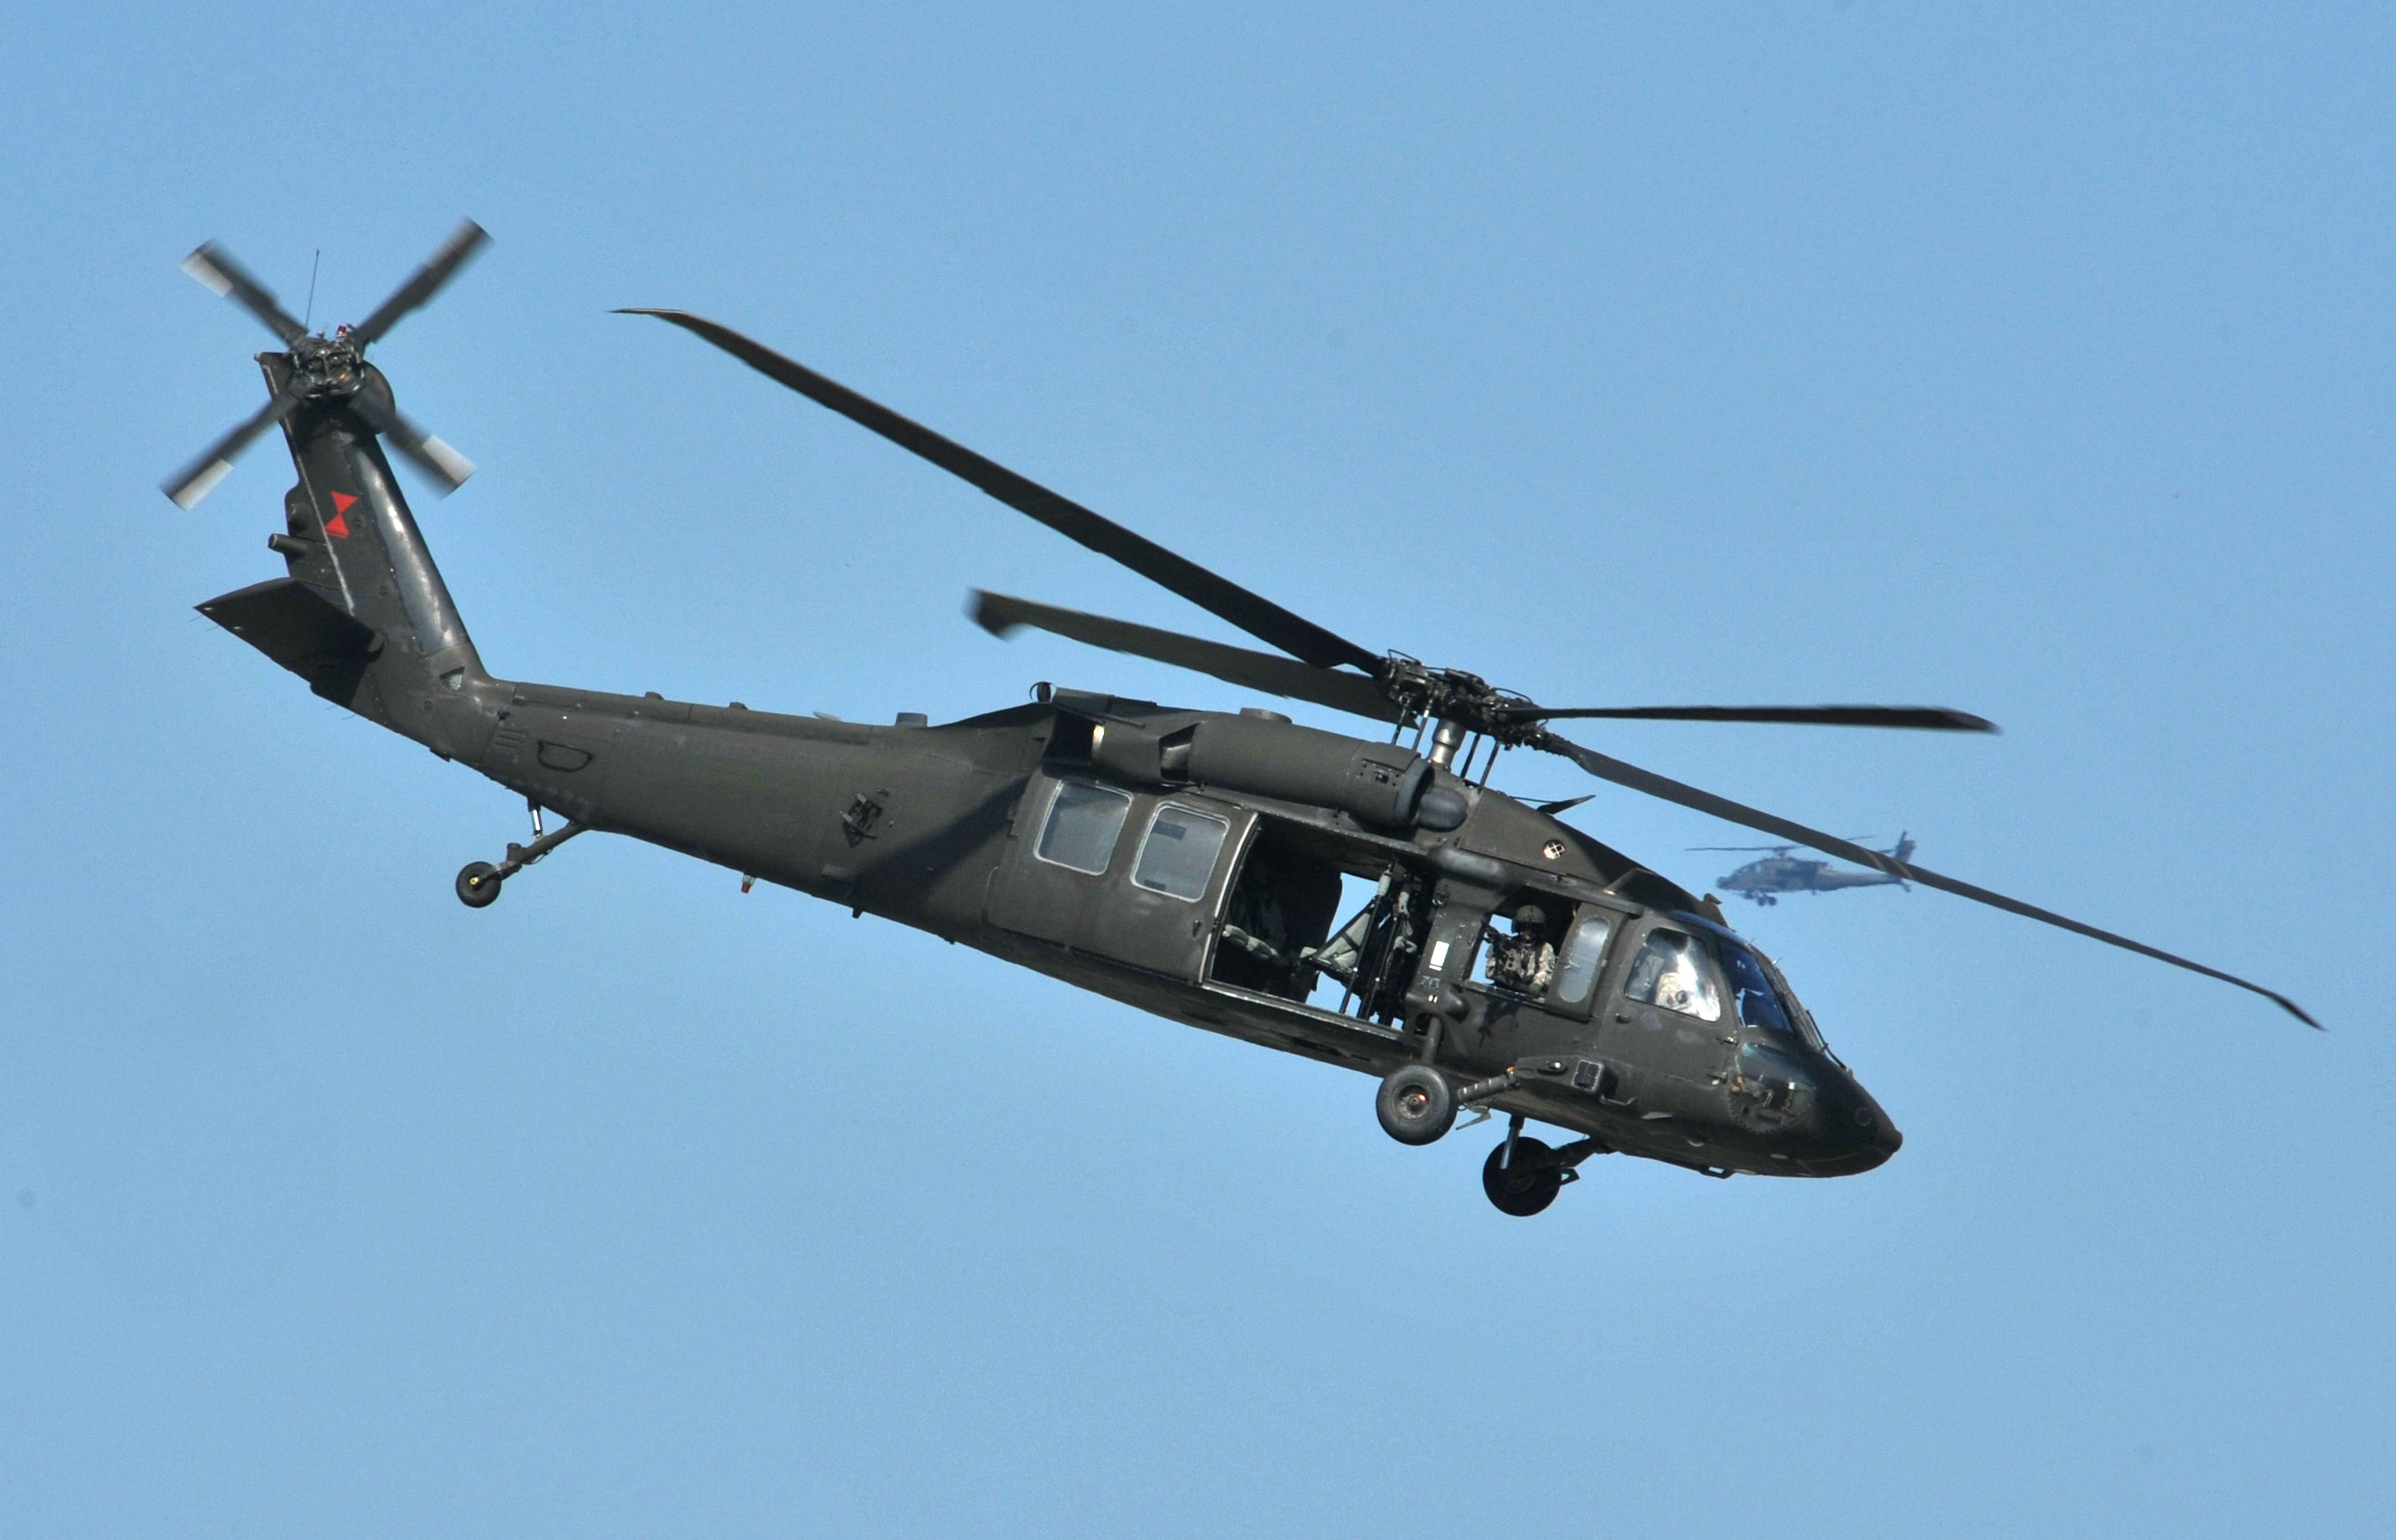 blackhawk helicopter - photo #37